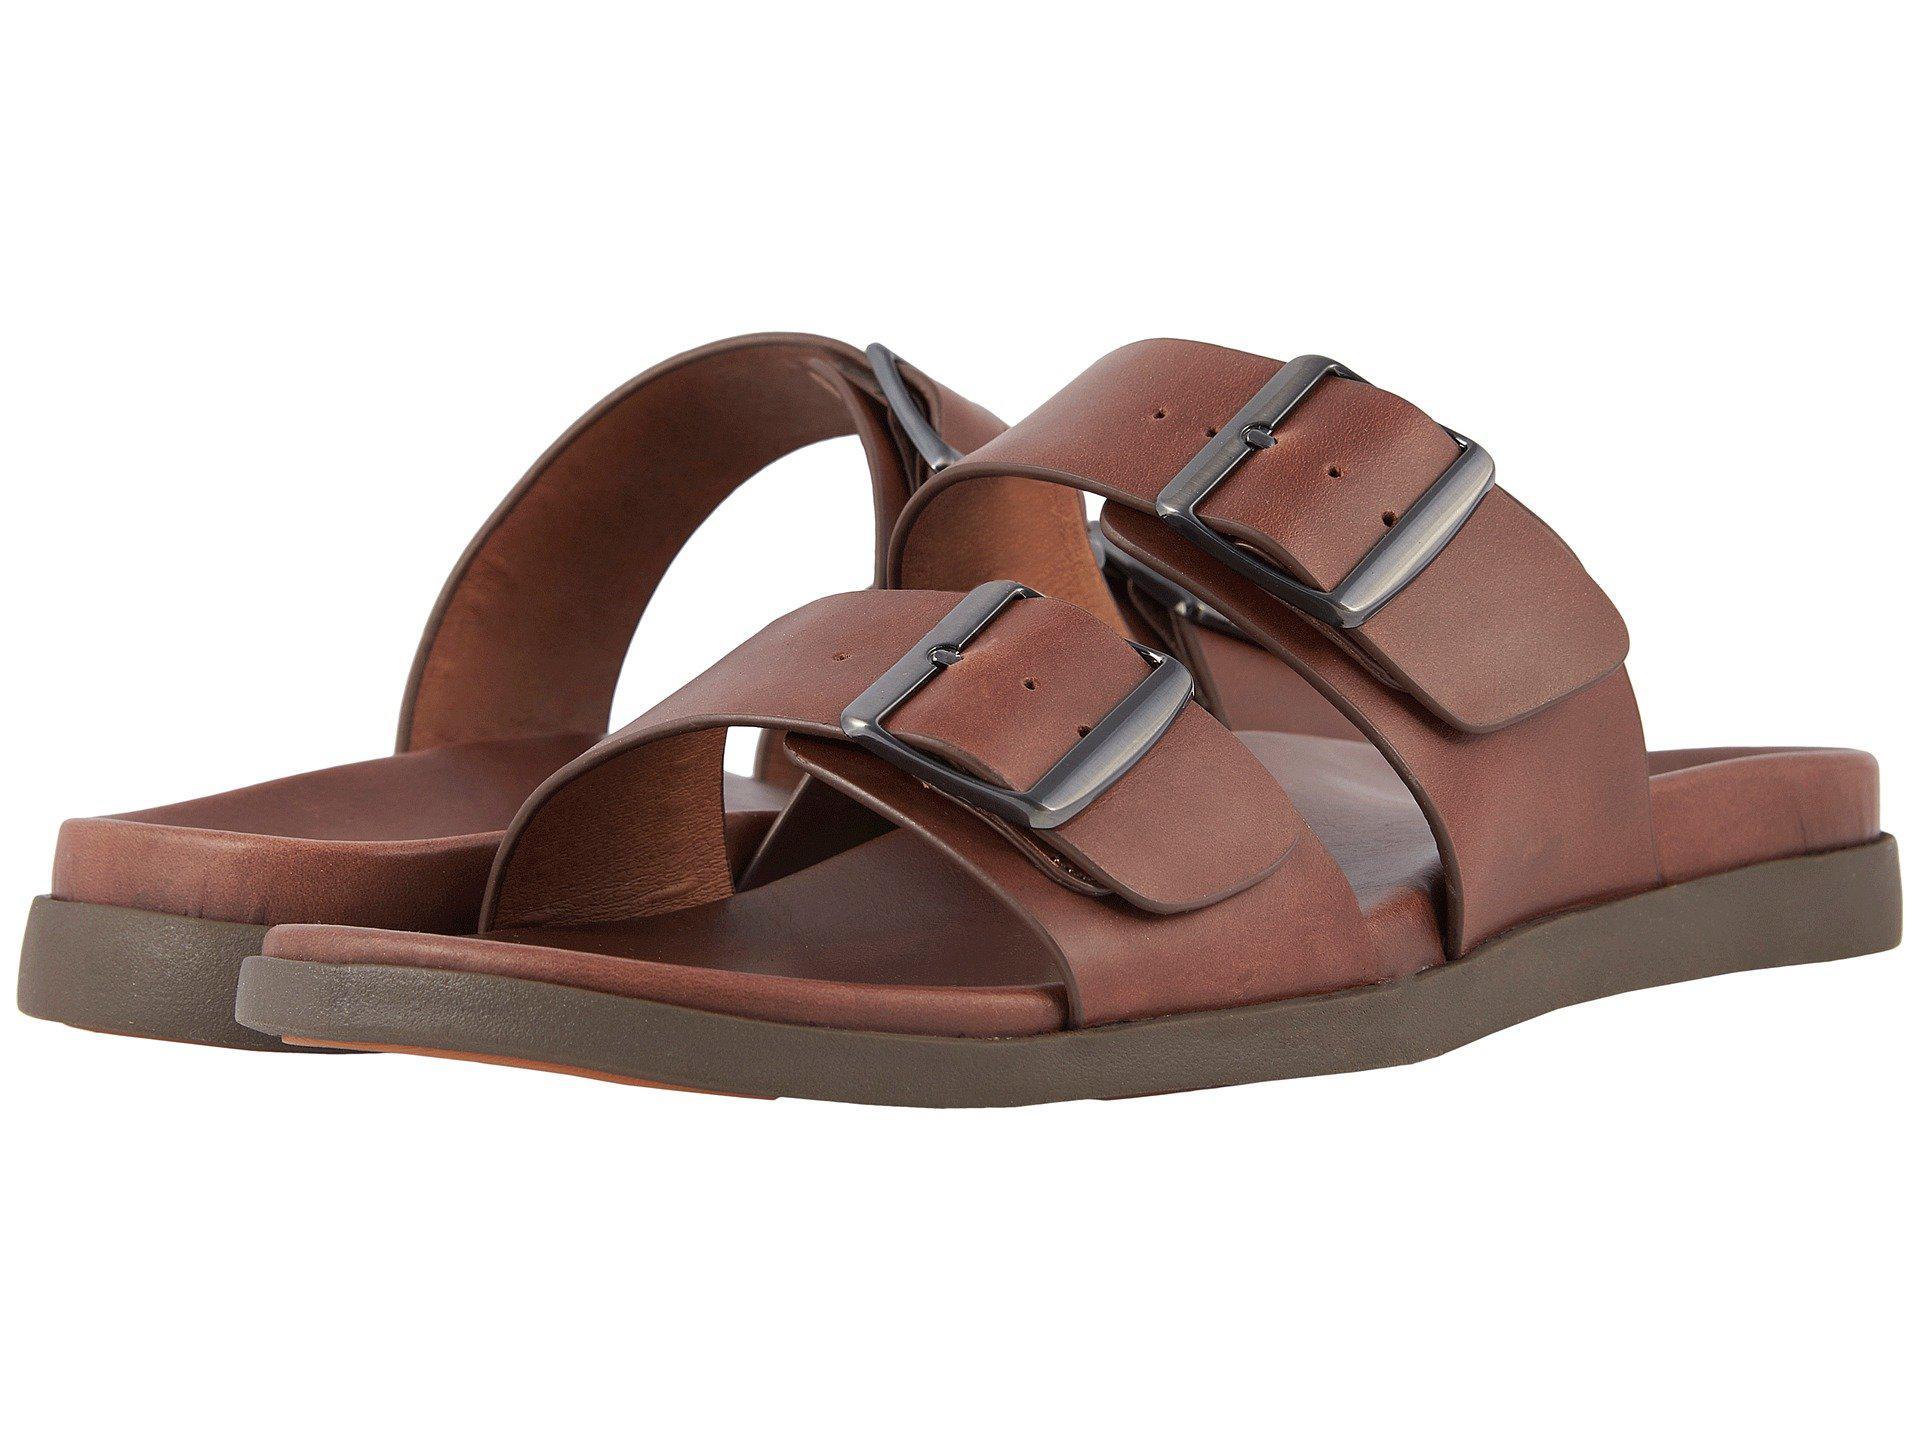 76a8cd0a6c50 Lyst - Vionic Charlie (black) Men s Sandals in Brown for Men